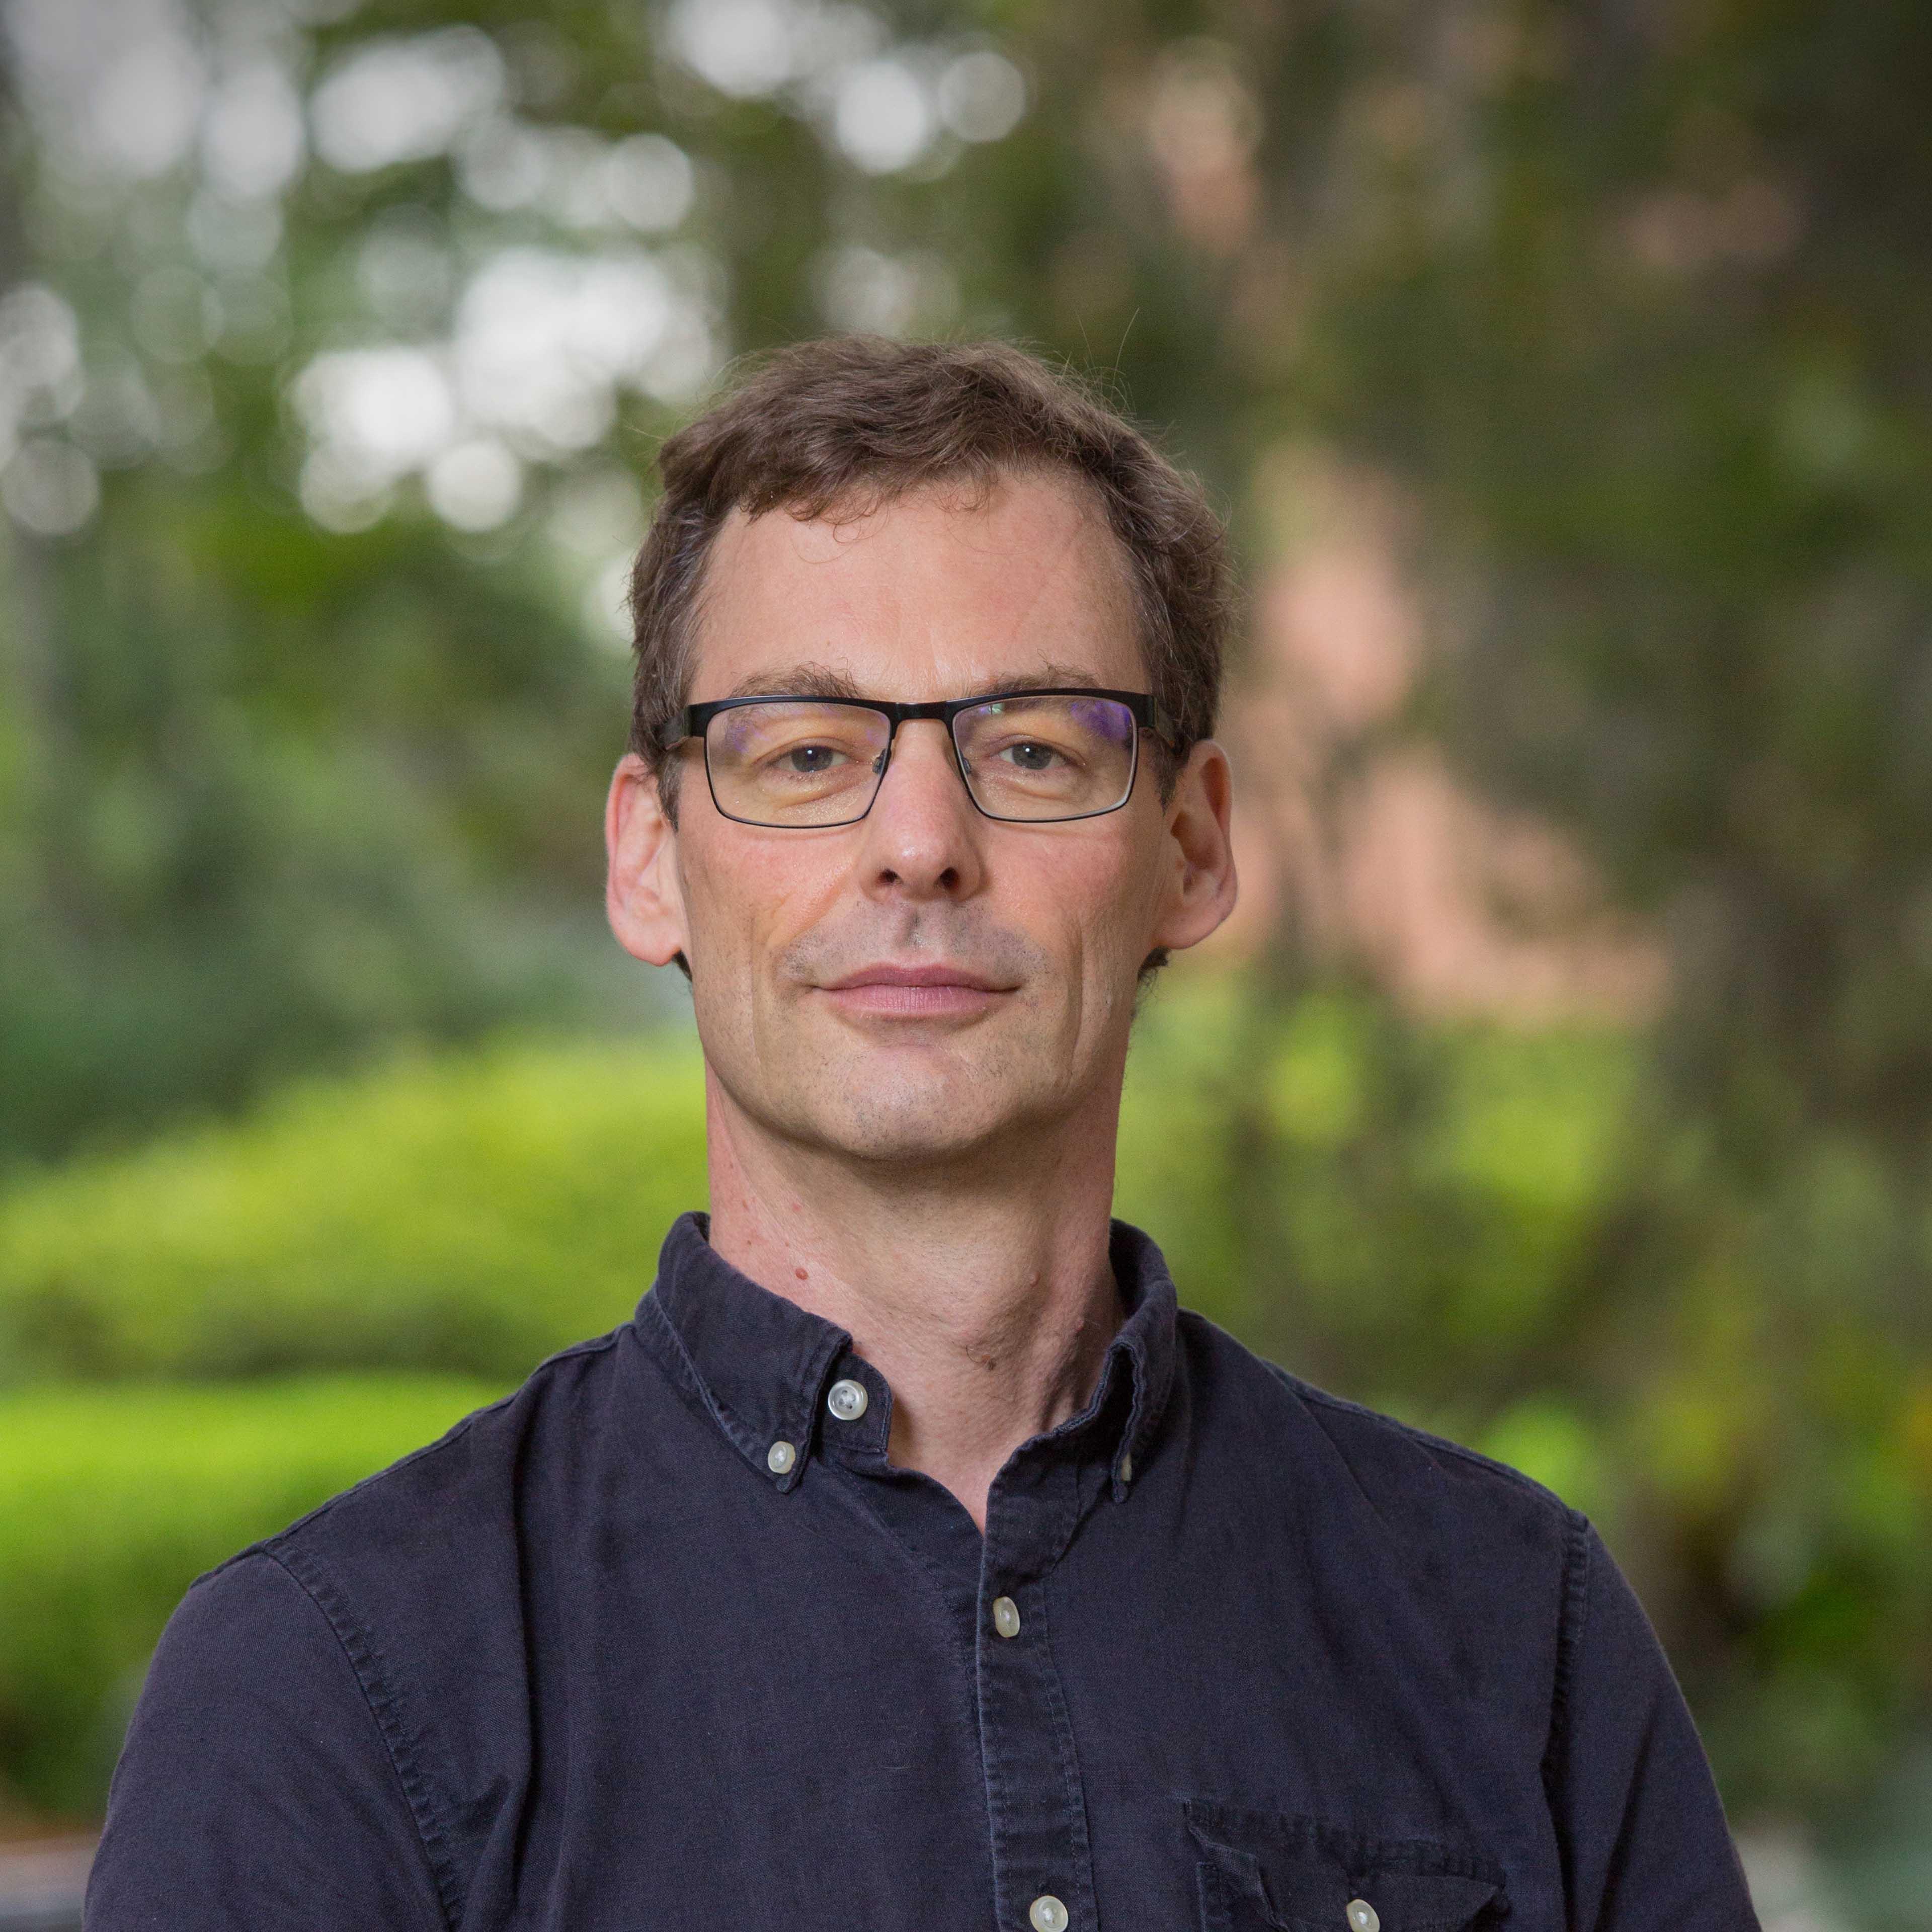 photo of Paul van der mark